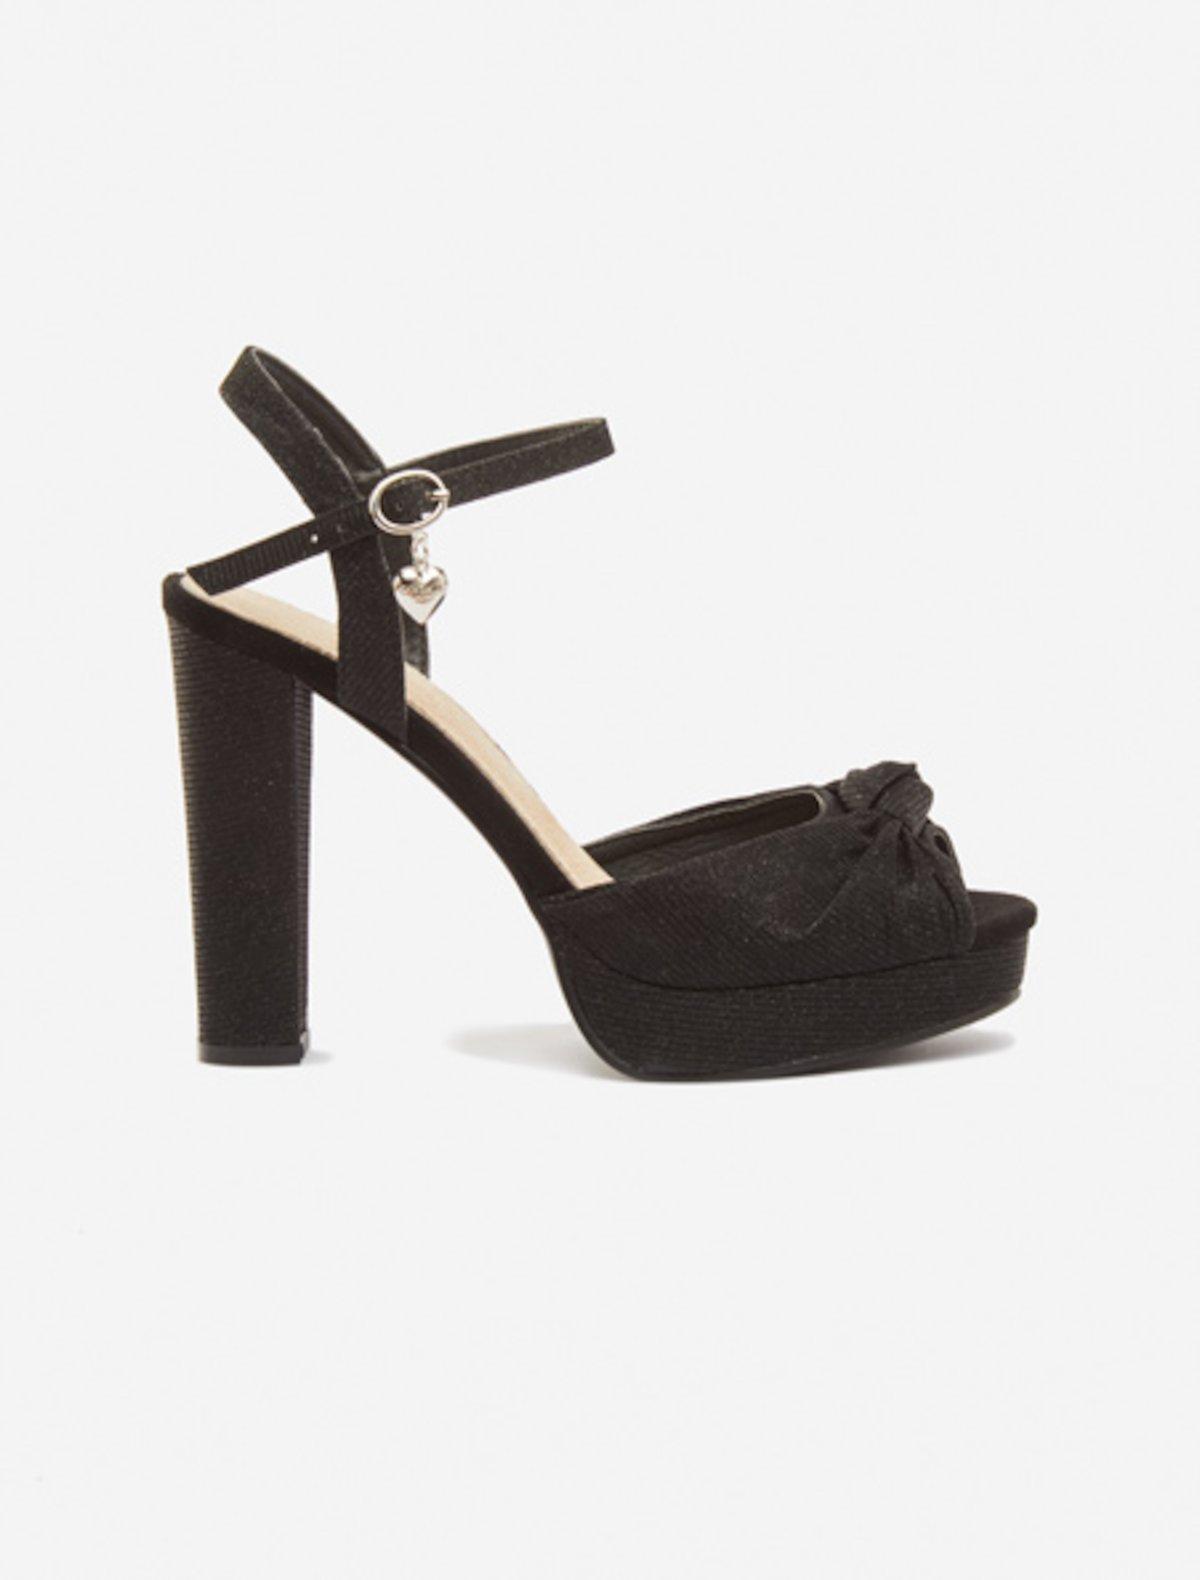 Snadia Sandals braided effect - Black 7b0eea4fdf1